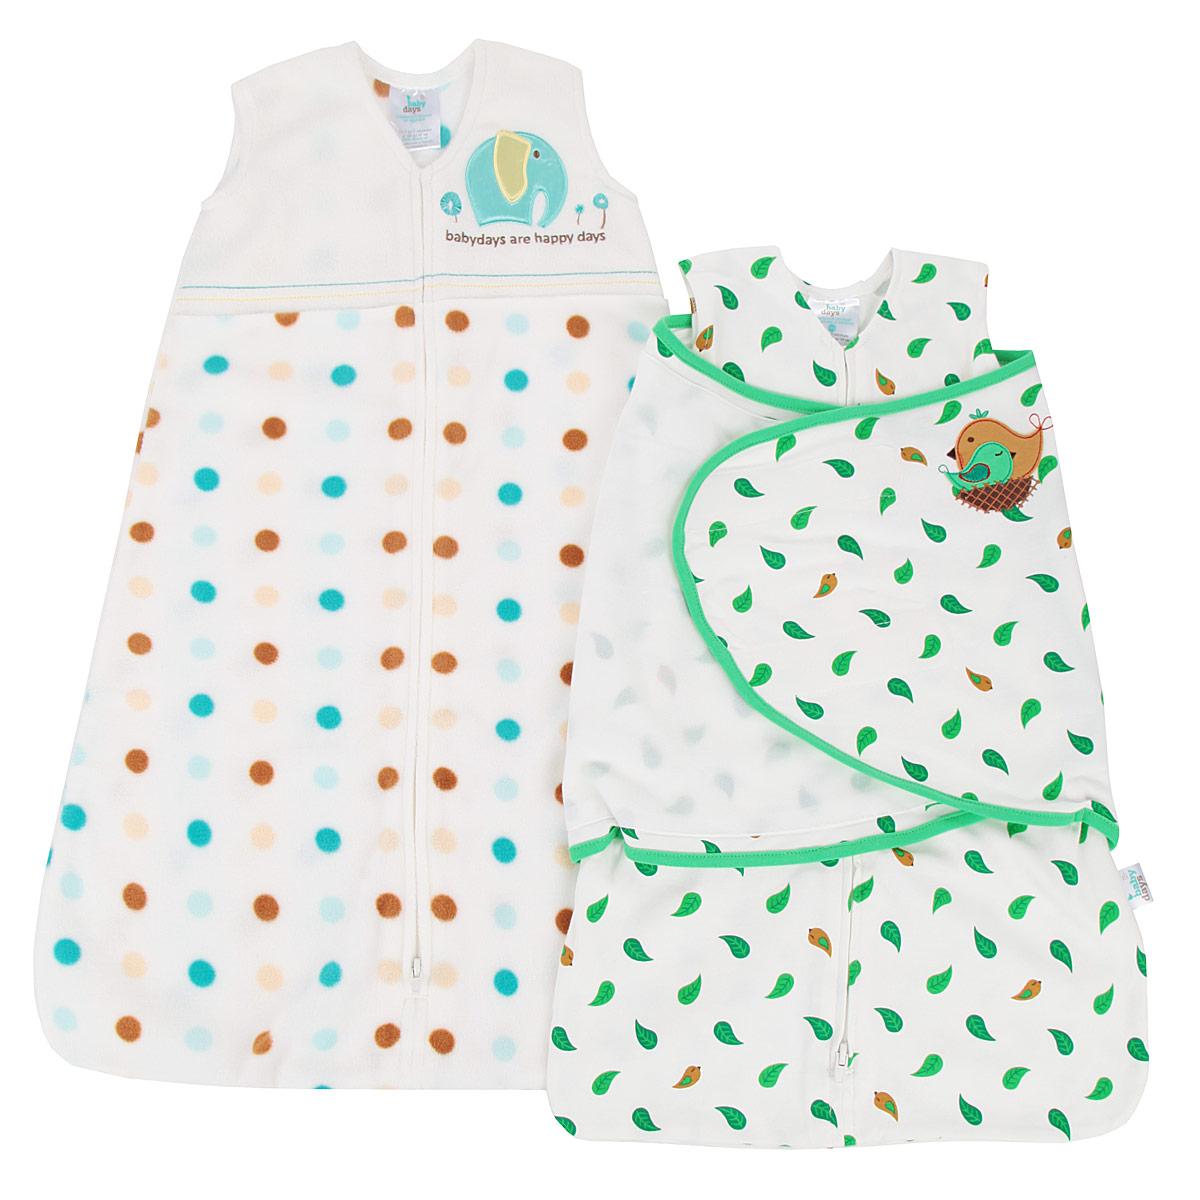 Подарочный набор для новорожденного Babydays: спальный конверт, спальный мешок, цвет: белый, зеленый. bd20003. Размер 48/66, 0-6 месяцев подарочный набор babydays птичка спальный конверт пеленка bd20002 размер s 58 66 3 6 месяцев